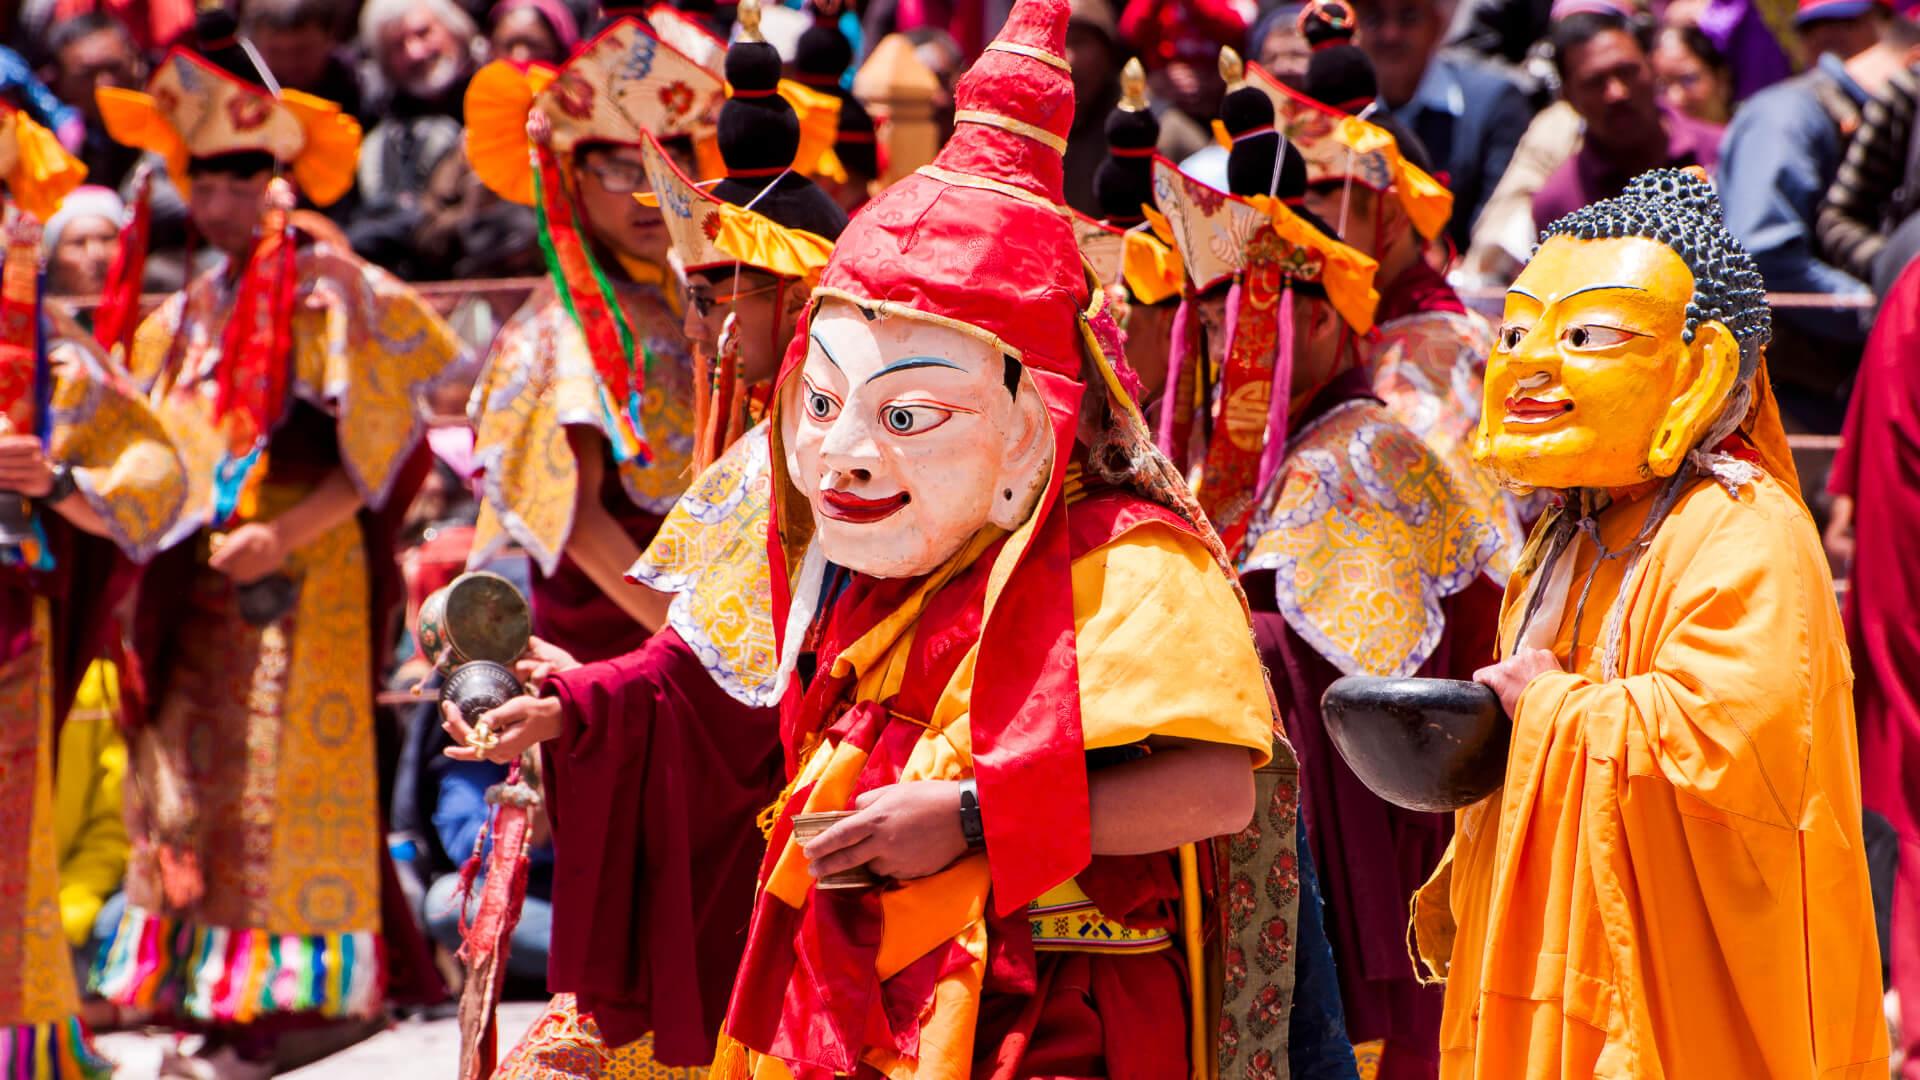 Festival Gibi Ülke: Hindistan'ın En Ünlü Festivalleri